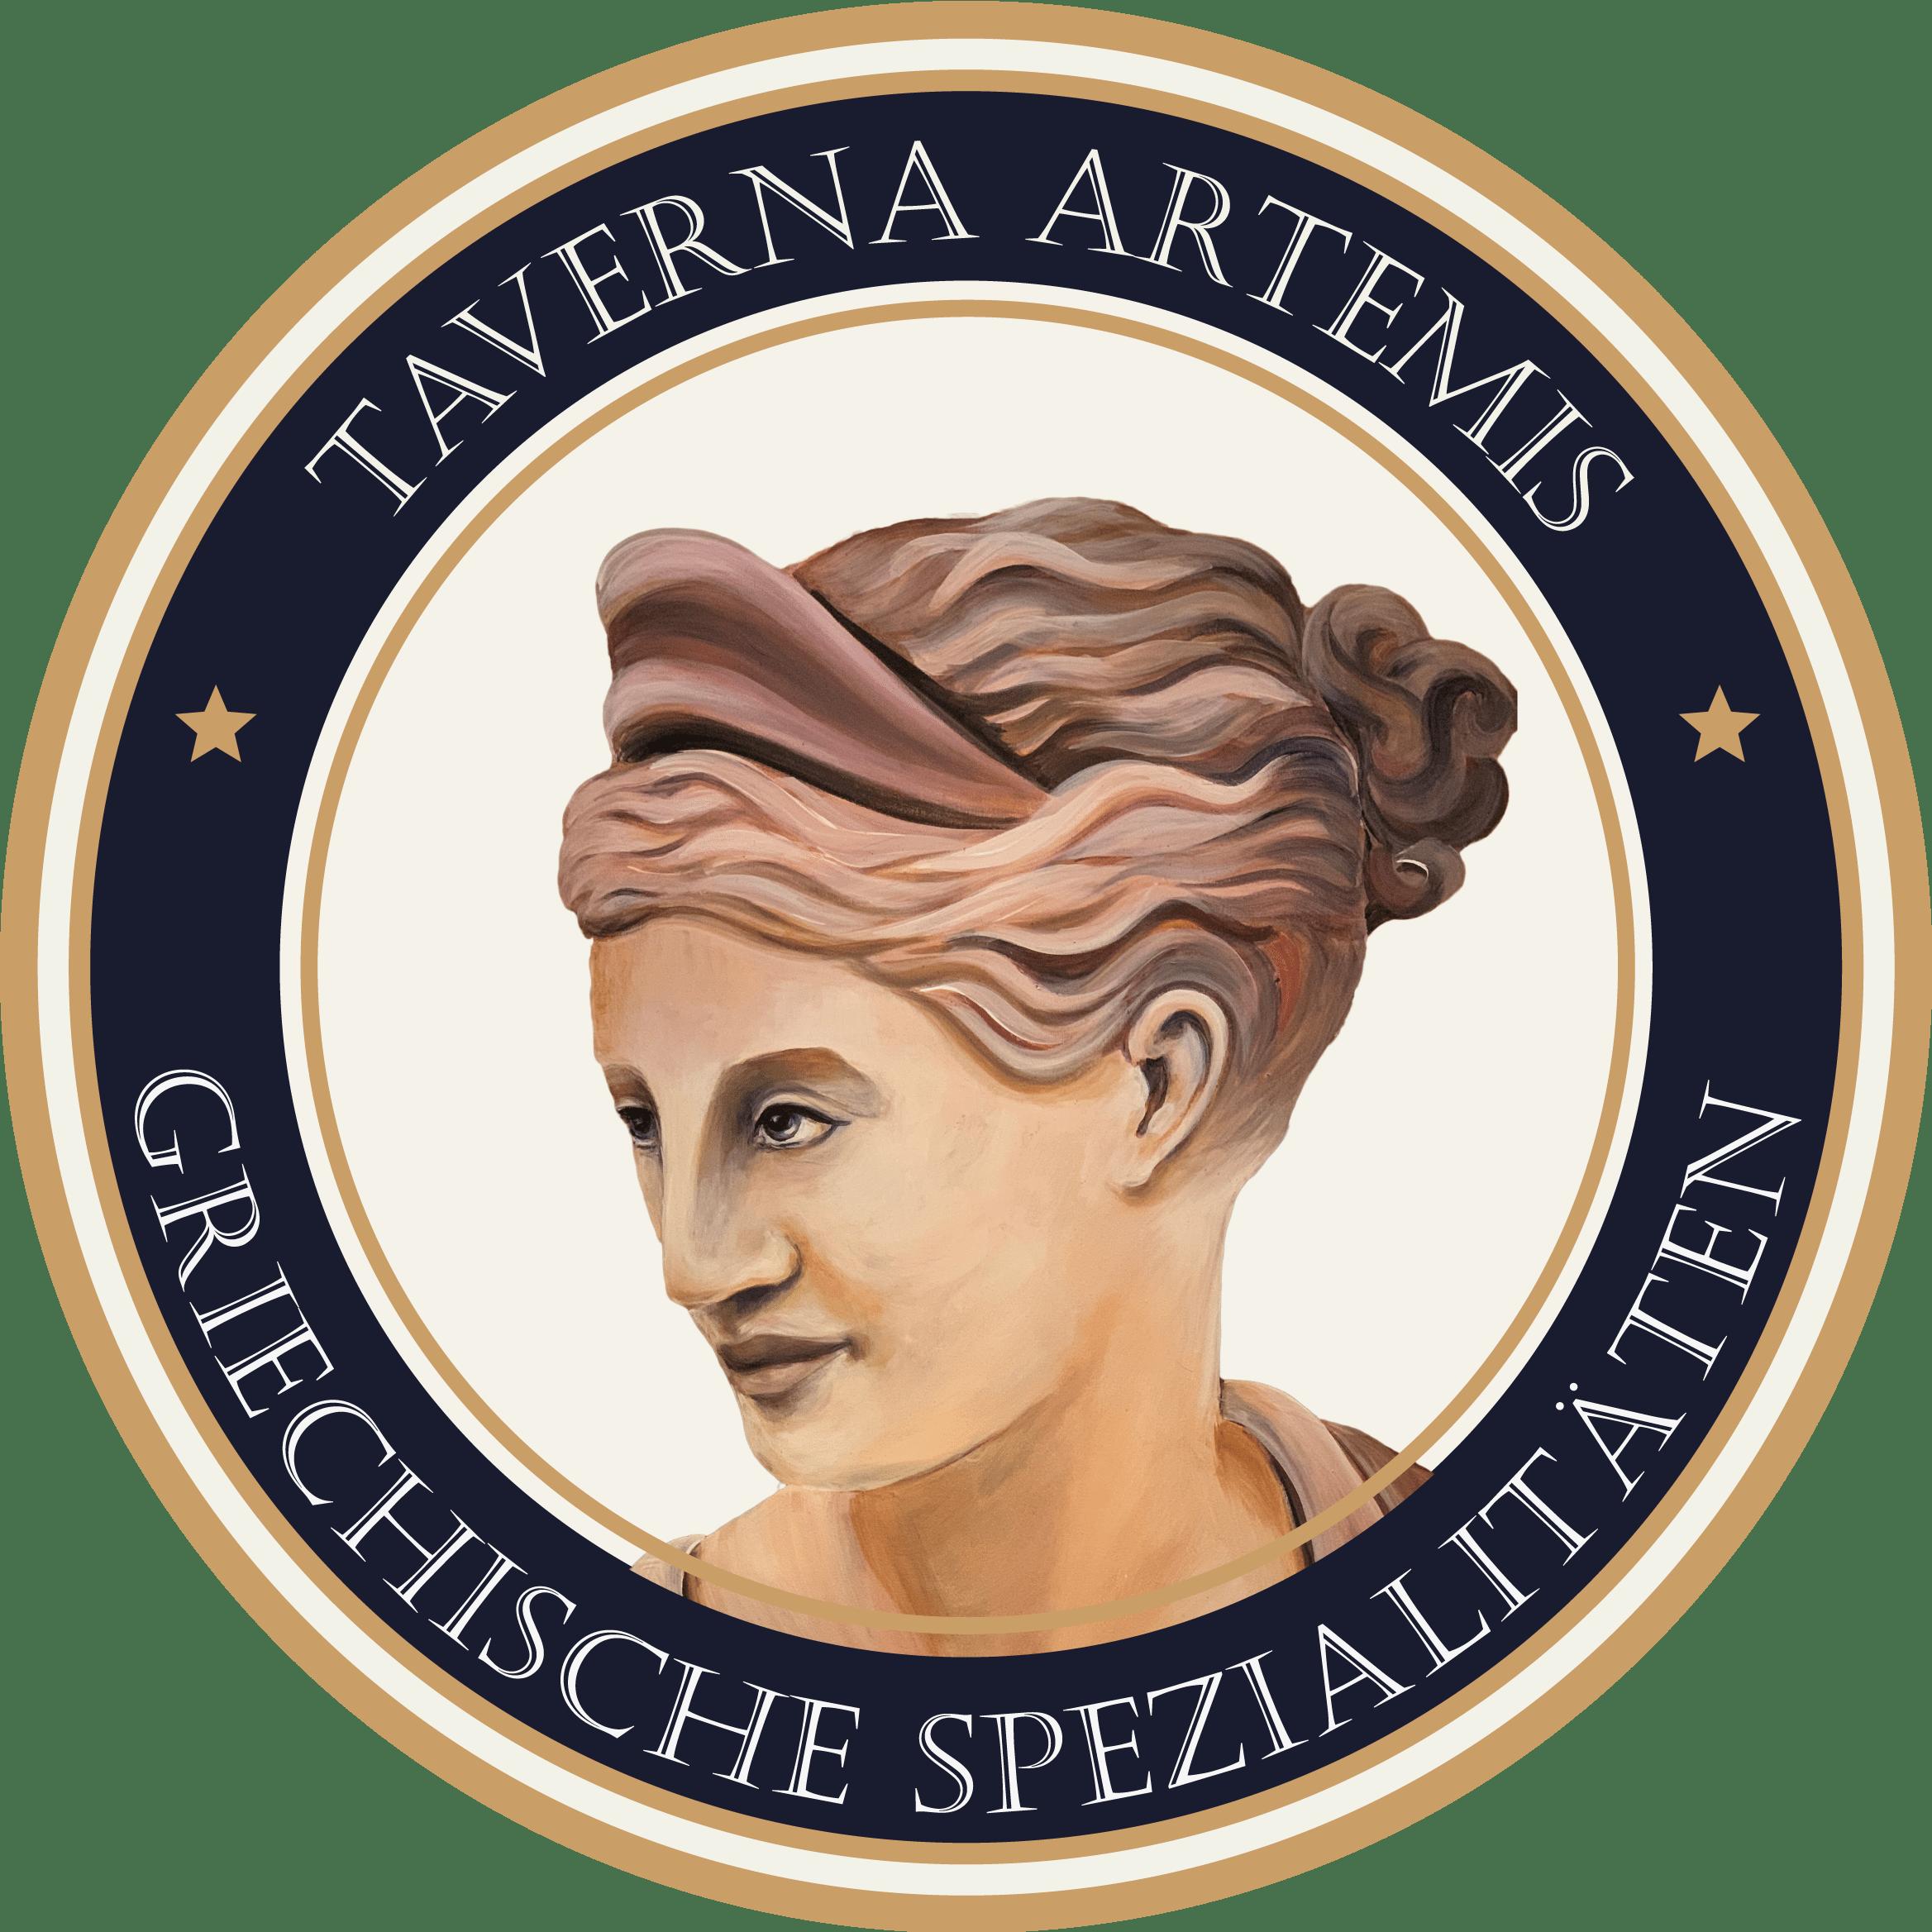 Taverna Artemis